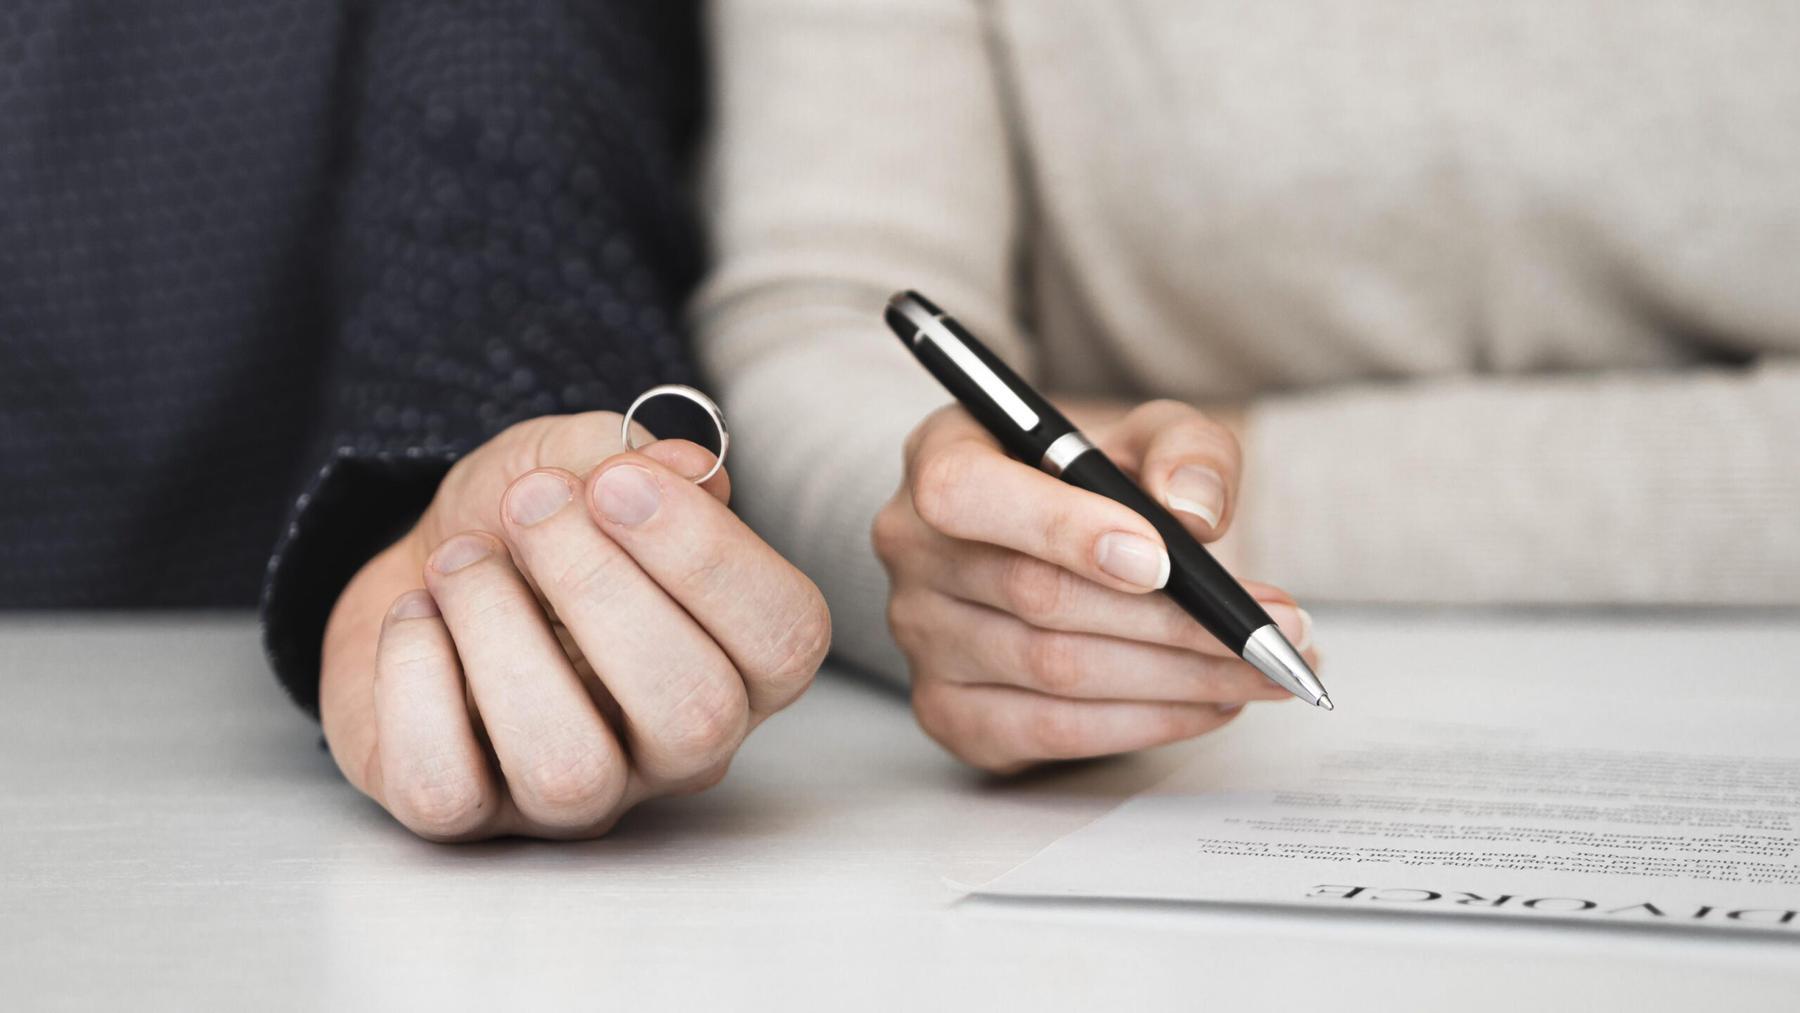 Какие причины казахстанцы считают достаточным основанием для развода?